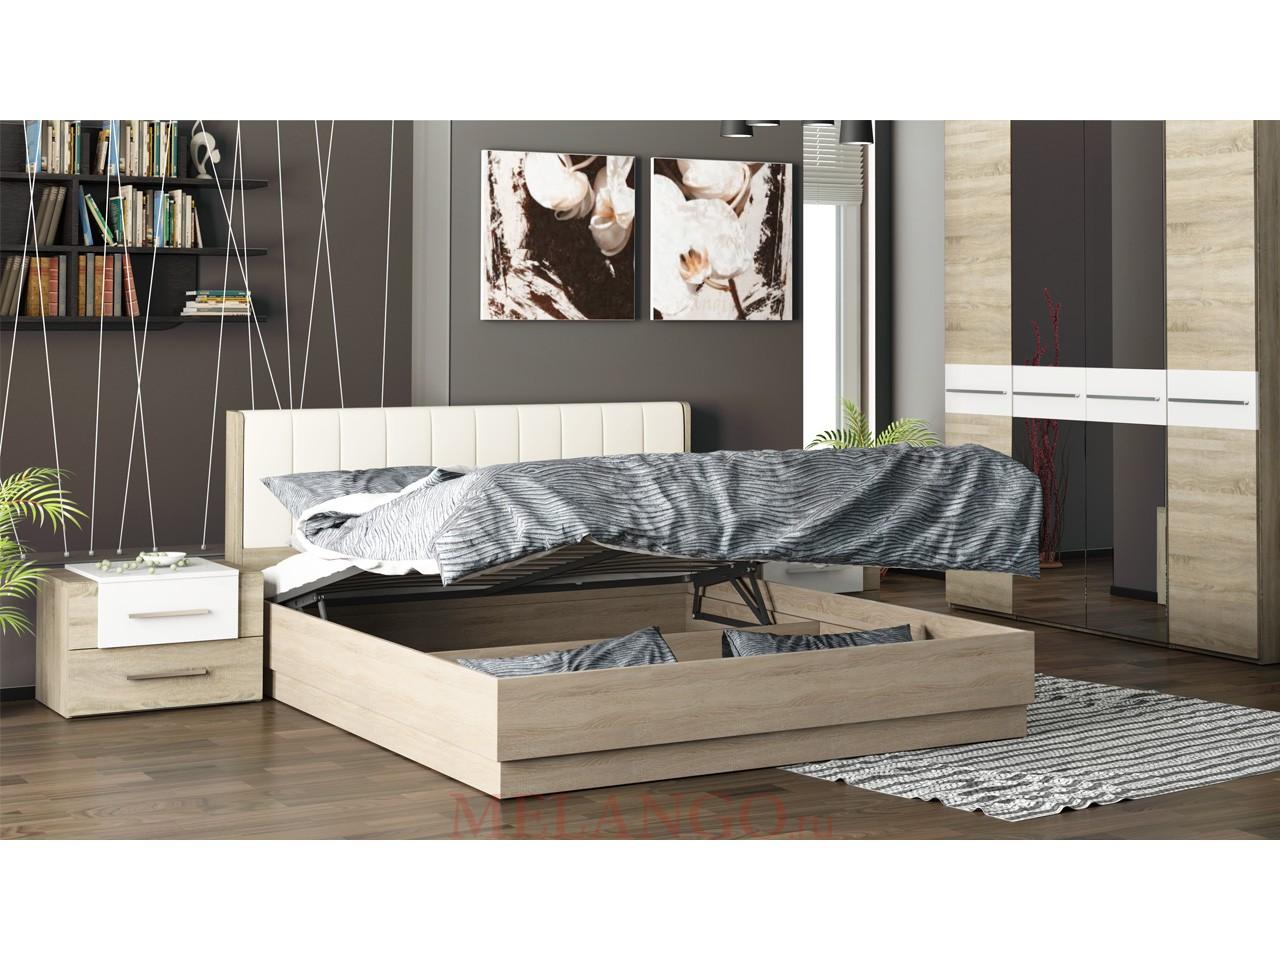 Подъемные элементы кровати